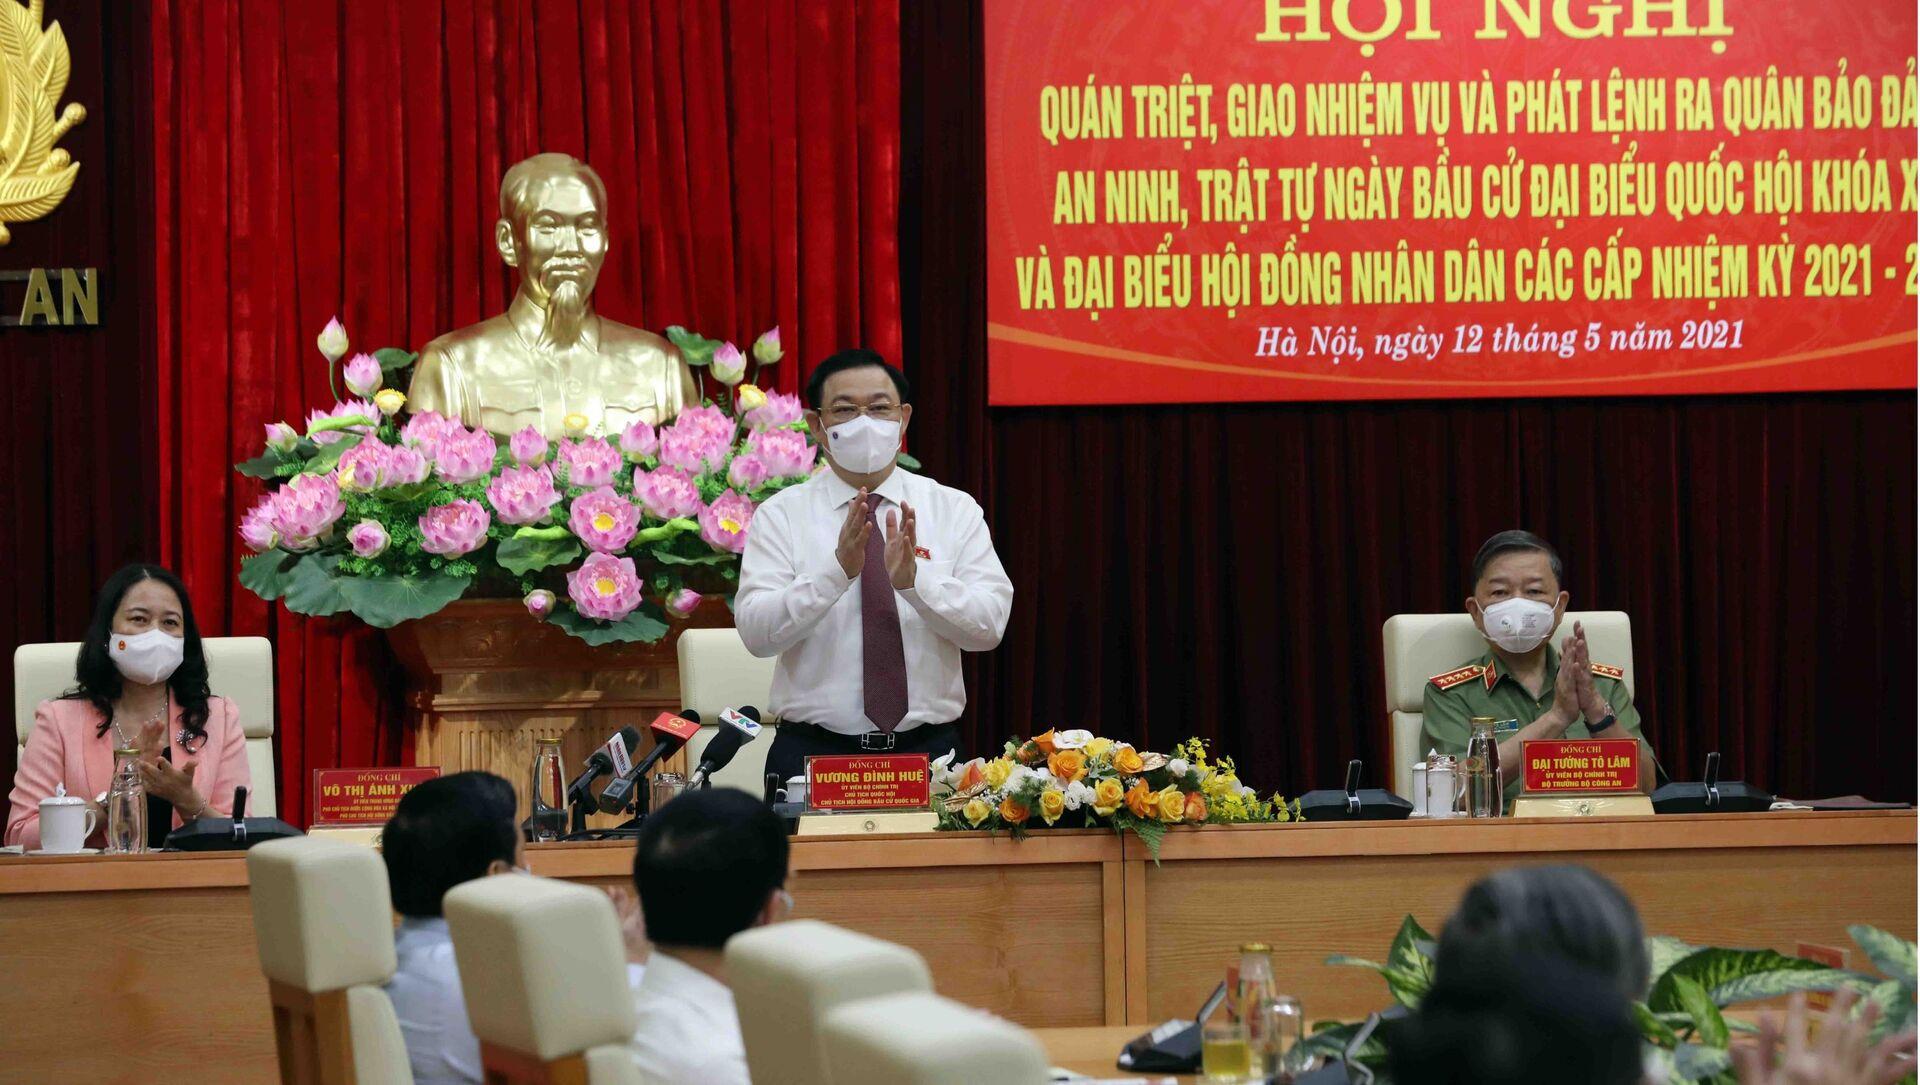 Chủ tịch Quốc hội Vương Đình Huệ tại hội nghị. - Sputnik Việt Nam, 1920, 12.05.2021